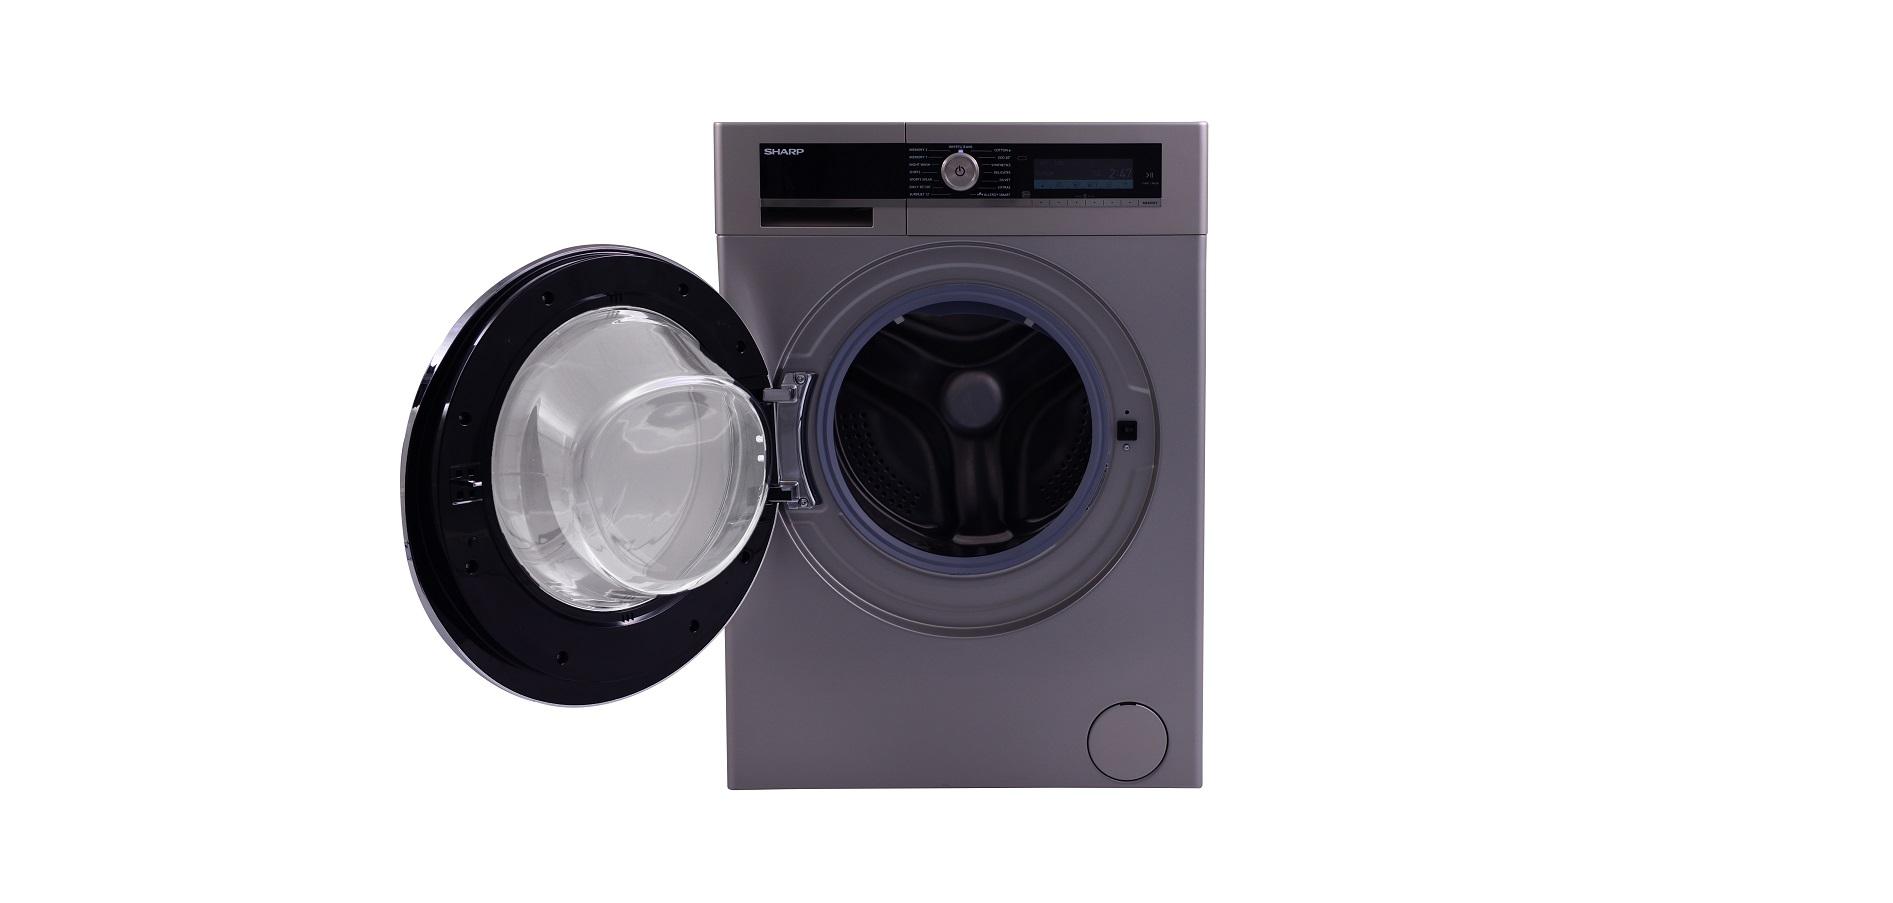 Sharp Washing Machine & Washer Dryer